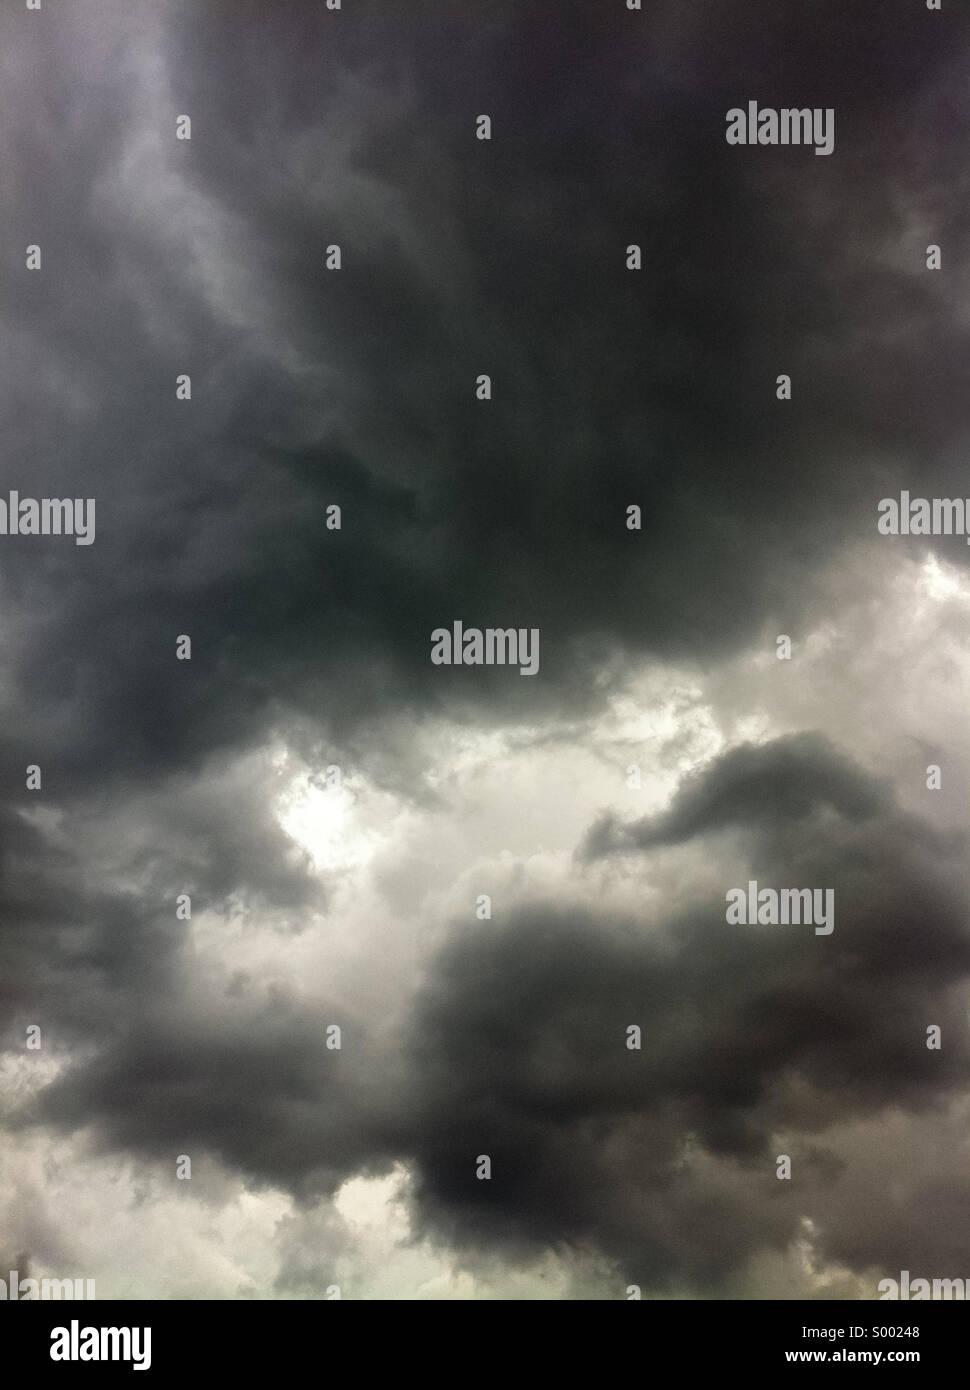 La lumière du soleil se profile au sombre, le pressentiment nuages dans un ciel orageux, violent. Photo Stock